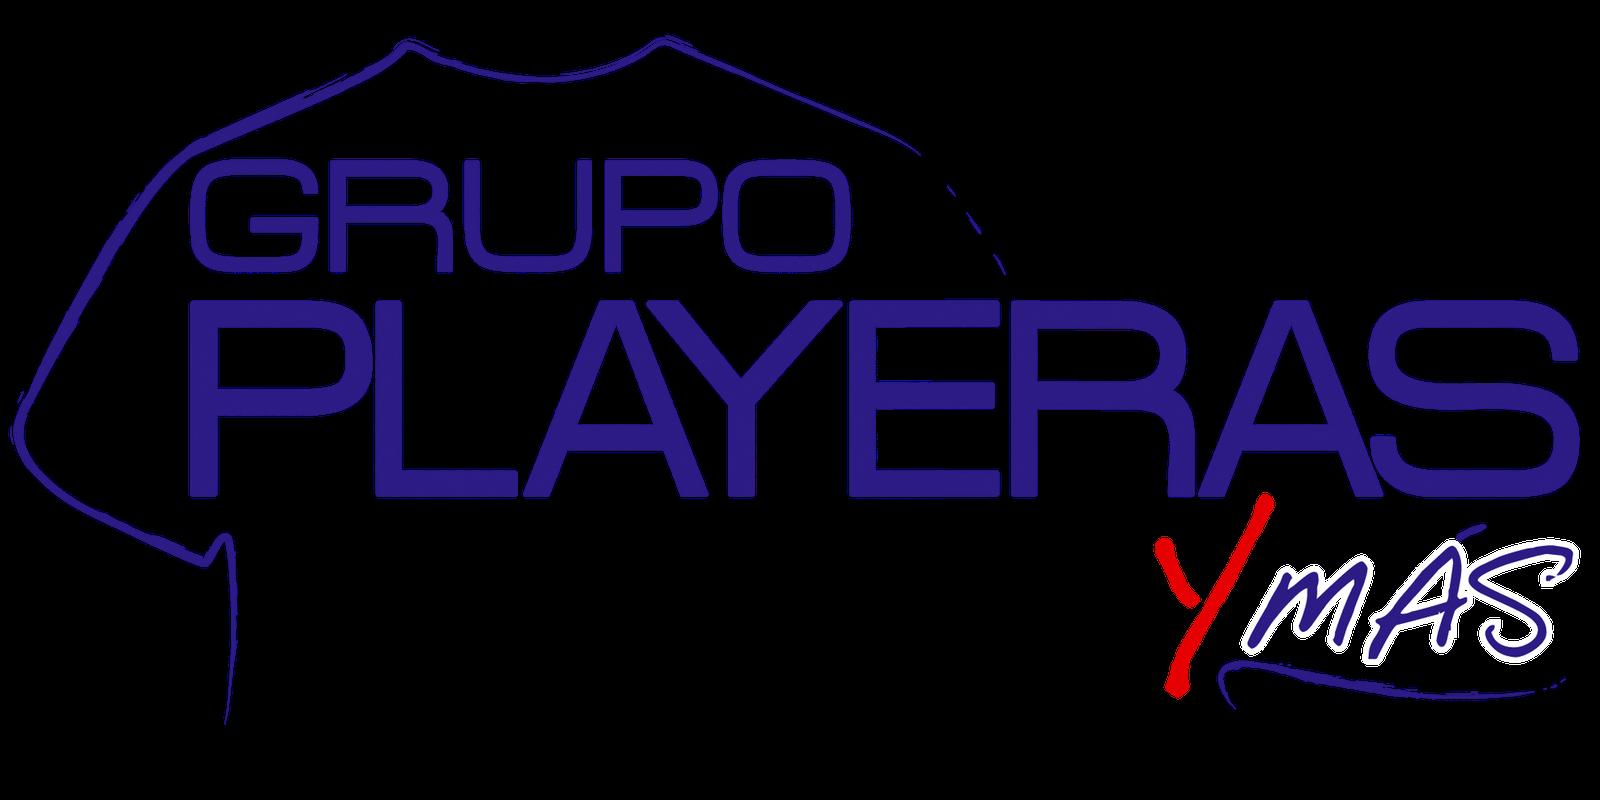 Playeras y más Puerto Vallarta  Bienvenidos al blog de Playeras y más 90e11b2b5c221